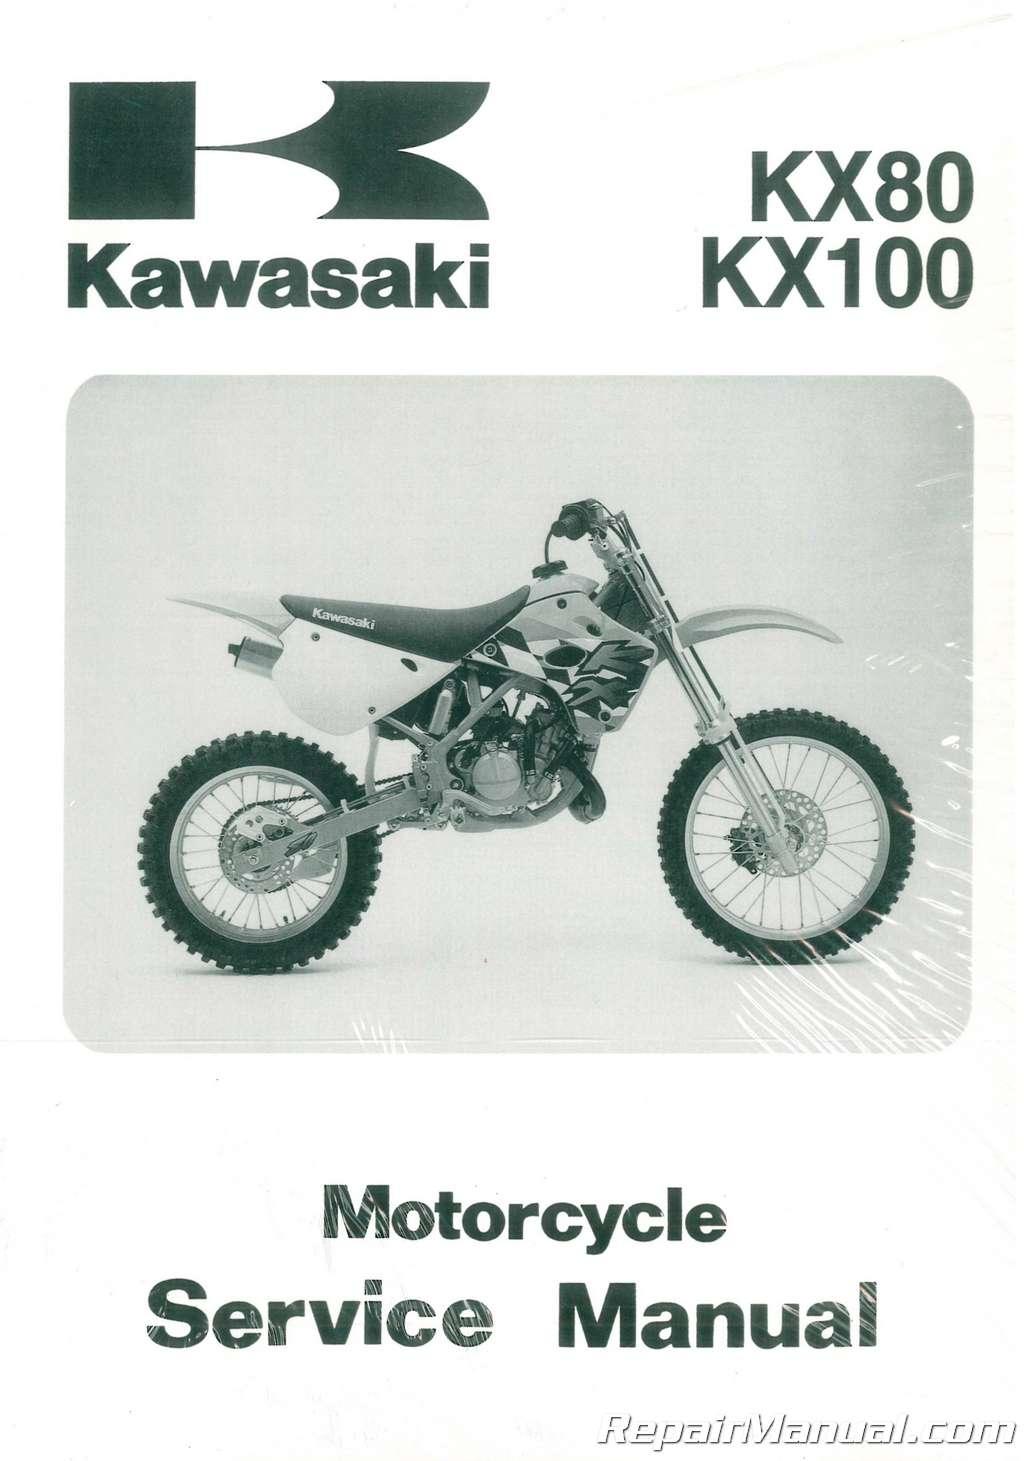 1991 1997 kawasaki kx80 kx100 service manual rh repairmanual com Honda CR  80 Kawasaki KX65